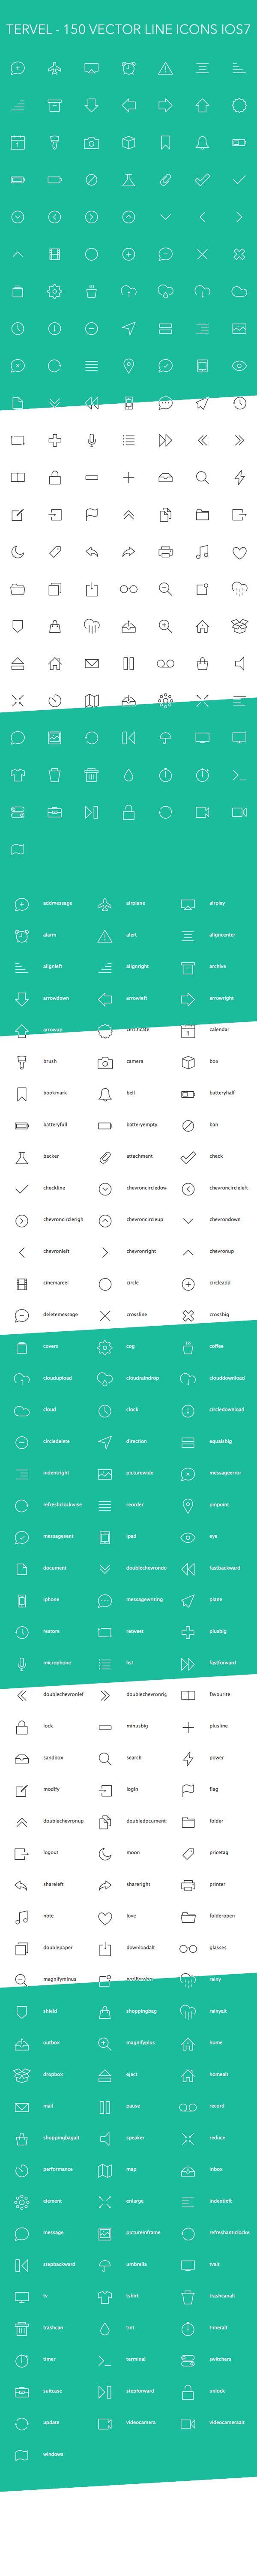 Tervel - 150 Vector Line Icons iOS7 by Nikolay Kolev, via Behance